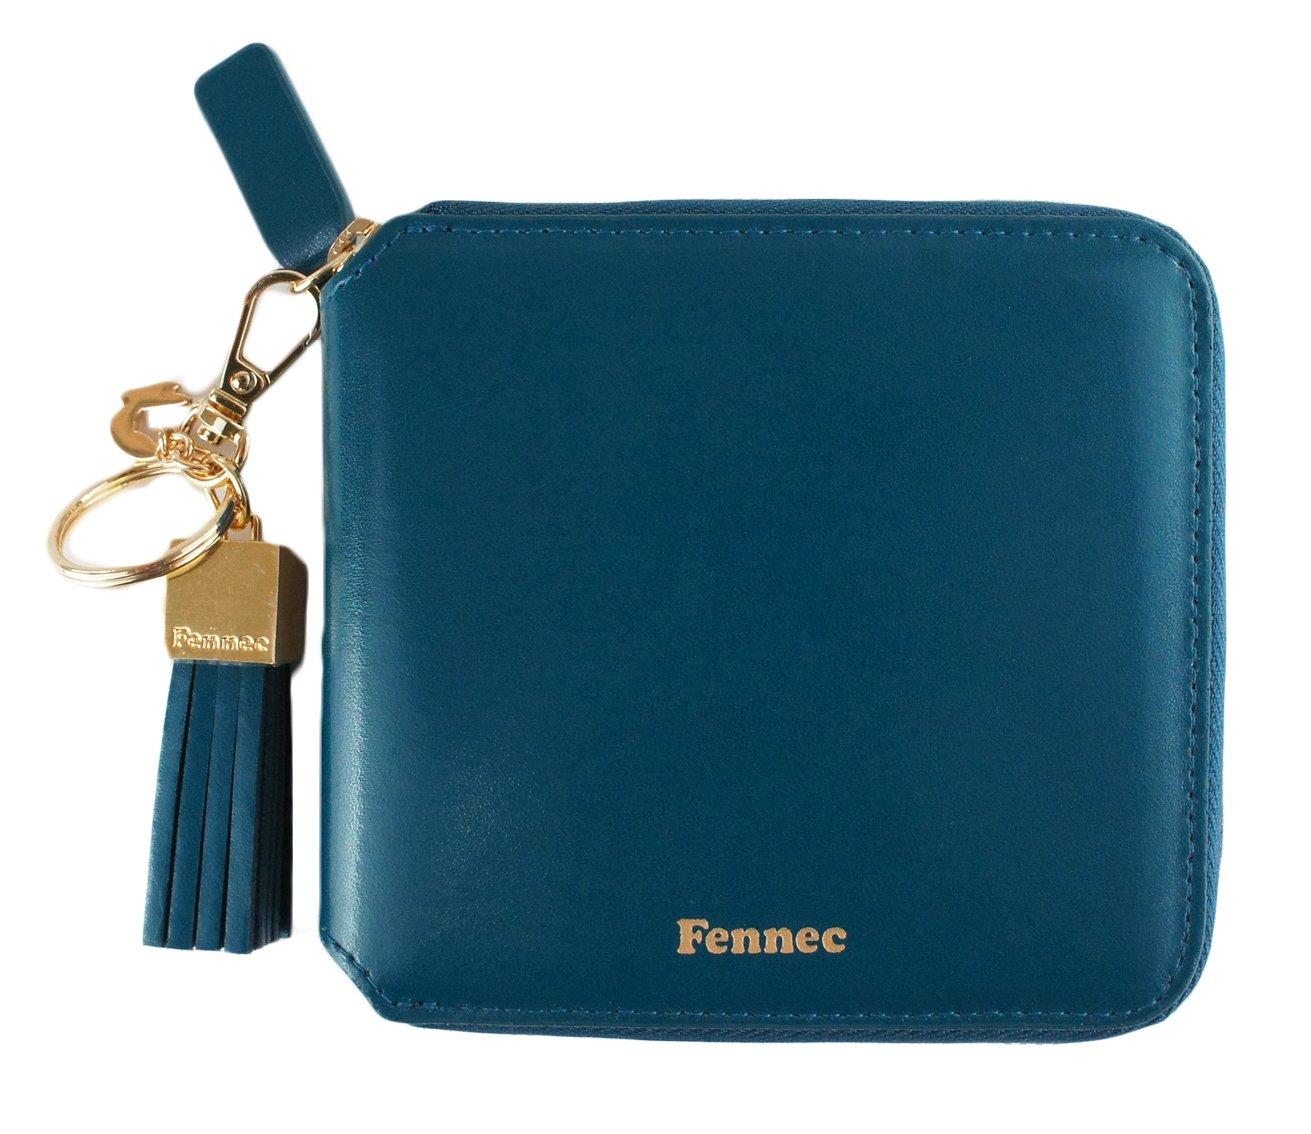 Fennec Zipper Wallet Square Tassel フェネック 二つ折り財布 コインケース付き 【Fennec OFFICIAL】 B0765M3FTS シーグリーン シーグリーン